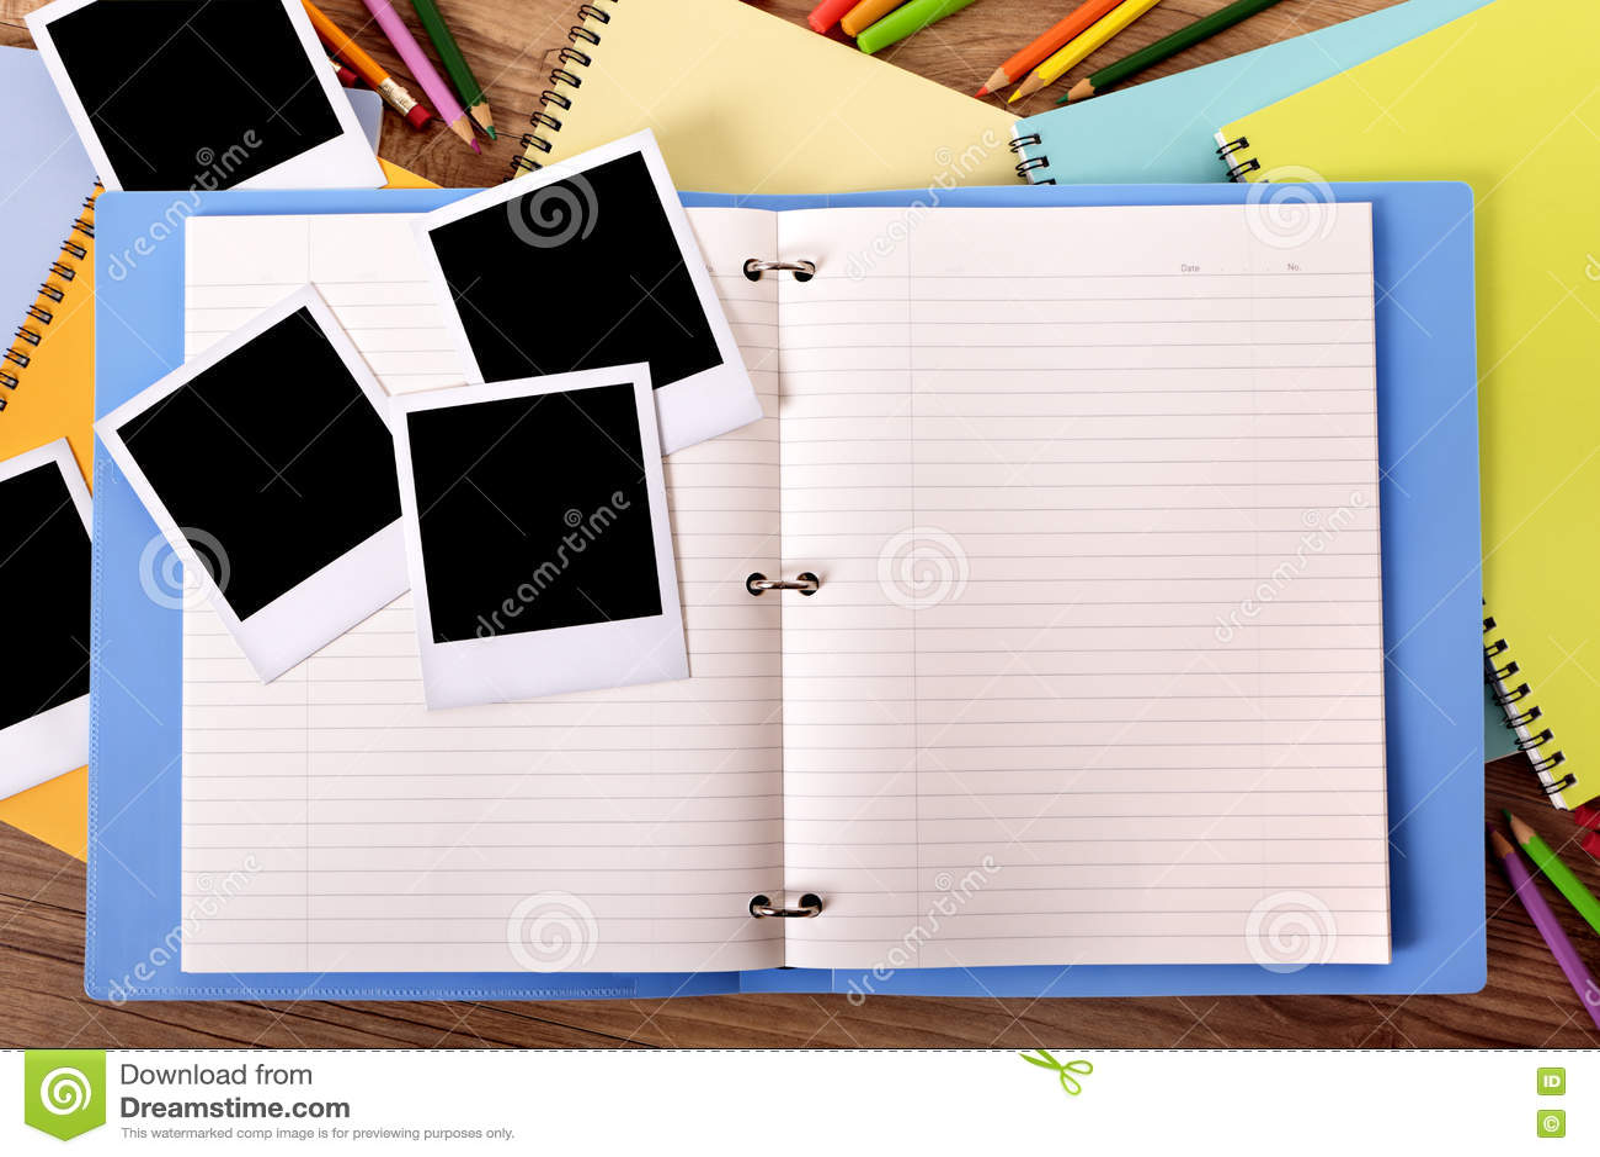 Photo album open with several blank polaroid style photo print frames